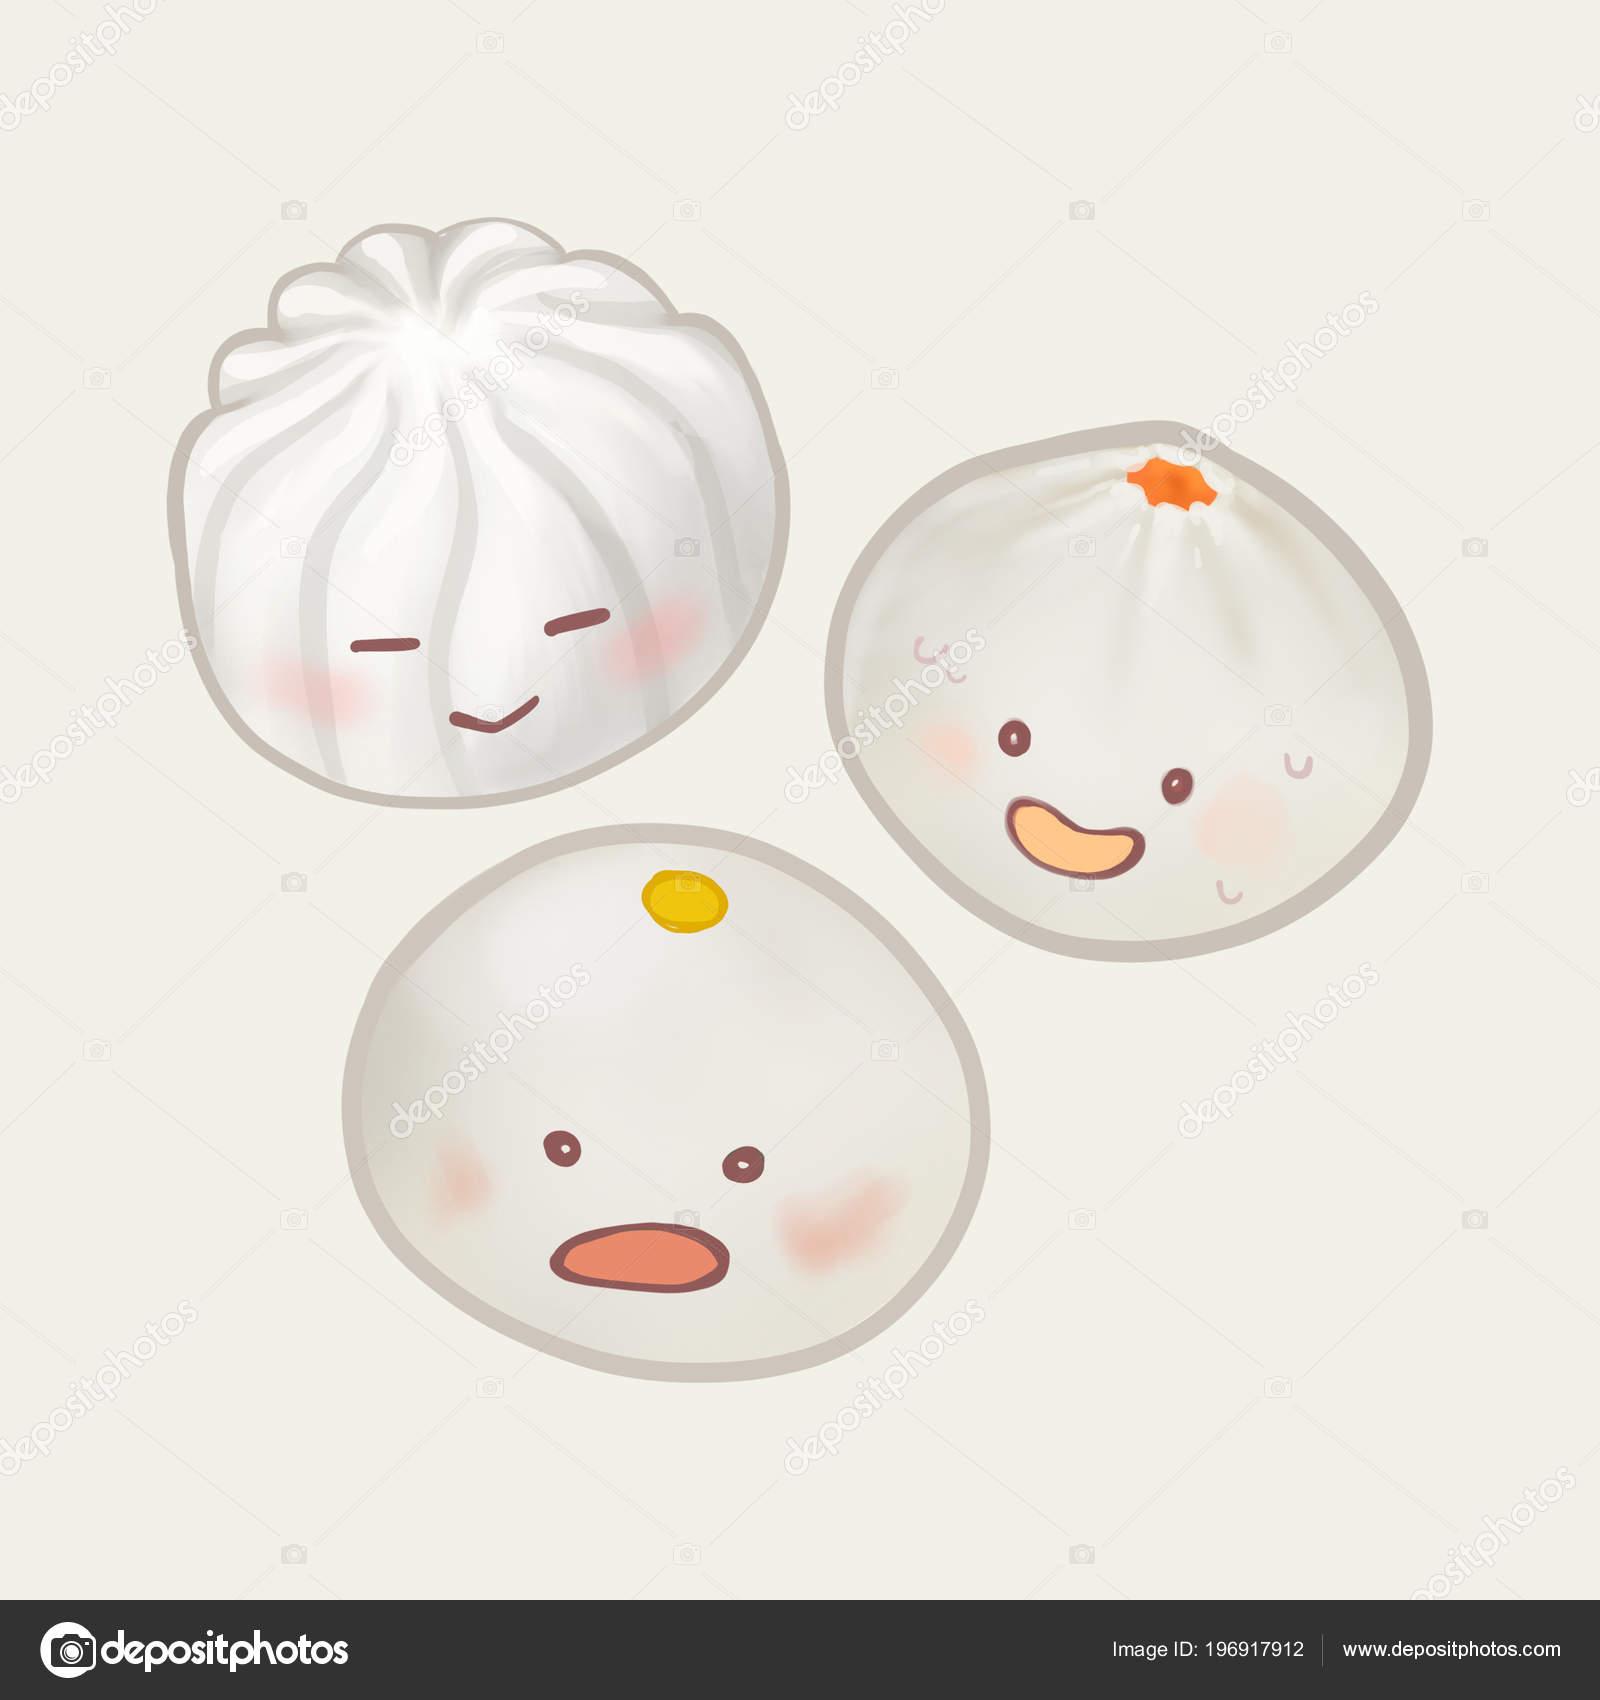 Áˆ Dim Sum Stock Images Royalty Free Dim Sum Cartoon Photos Download On Depositphotos